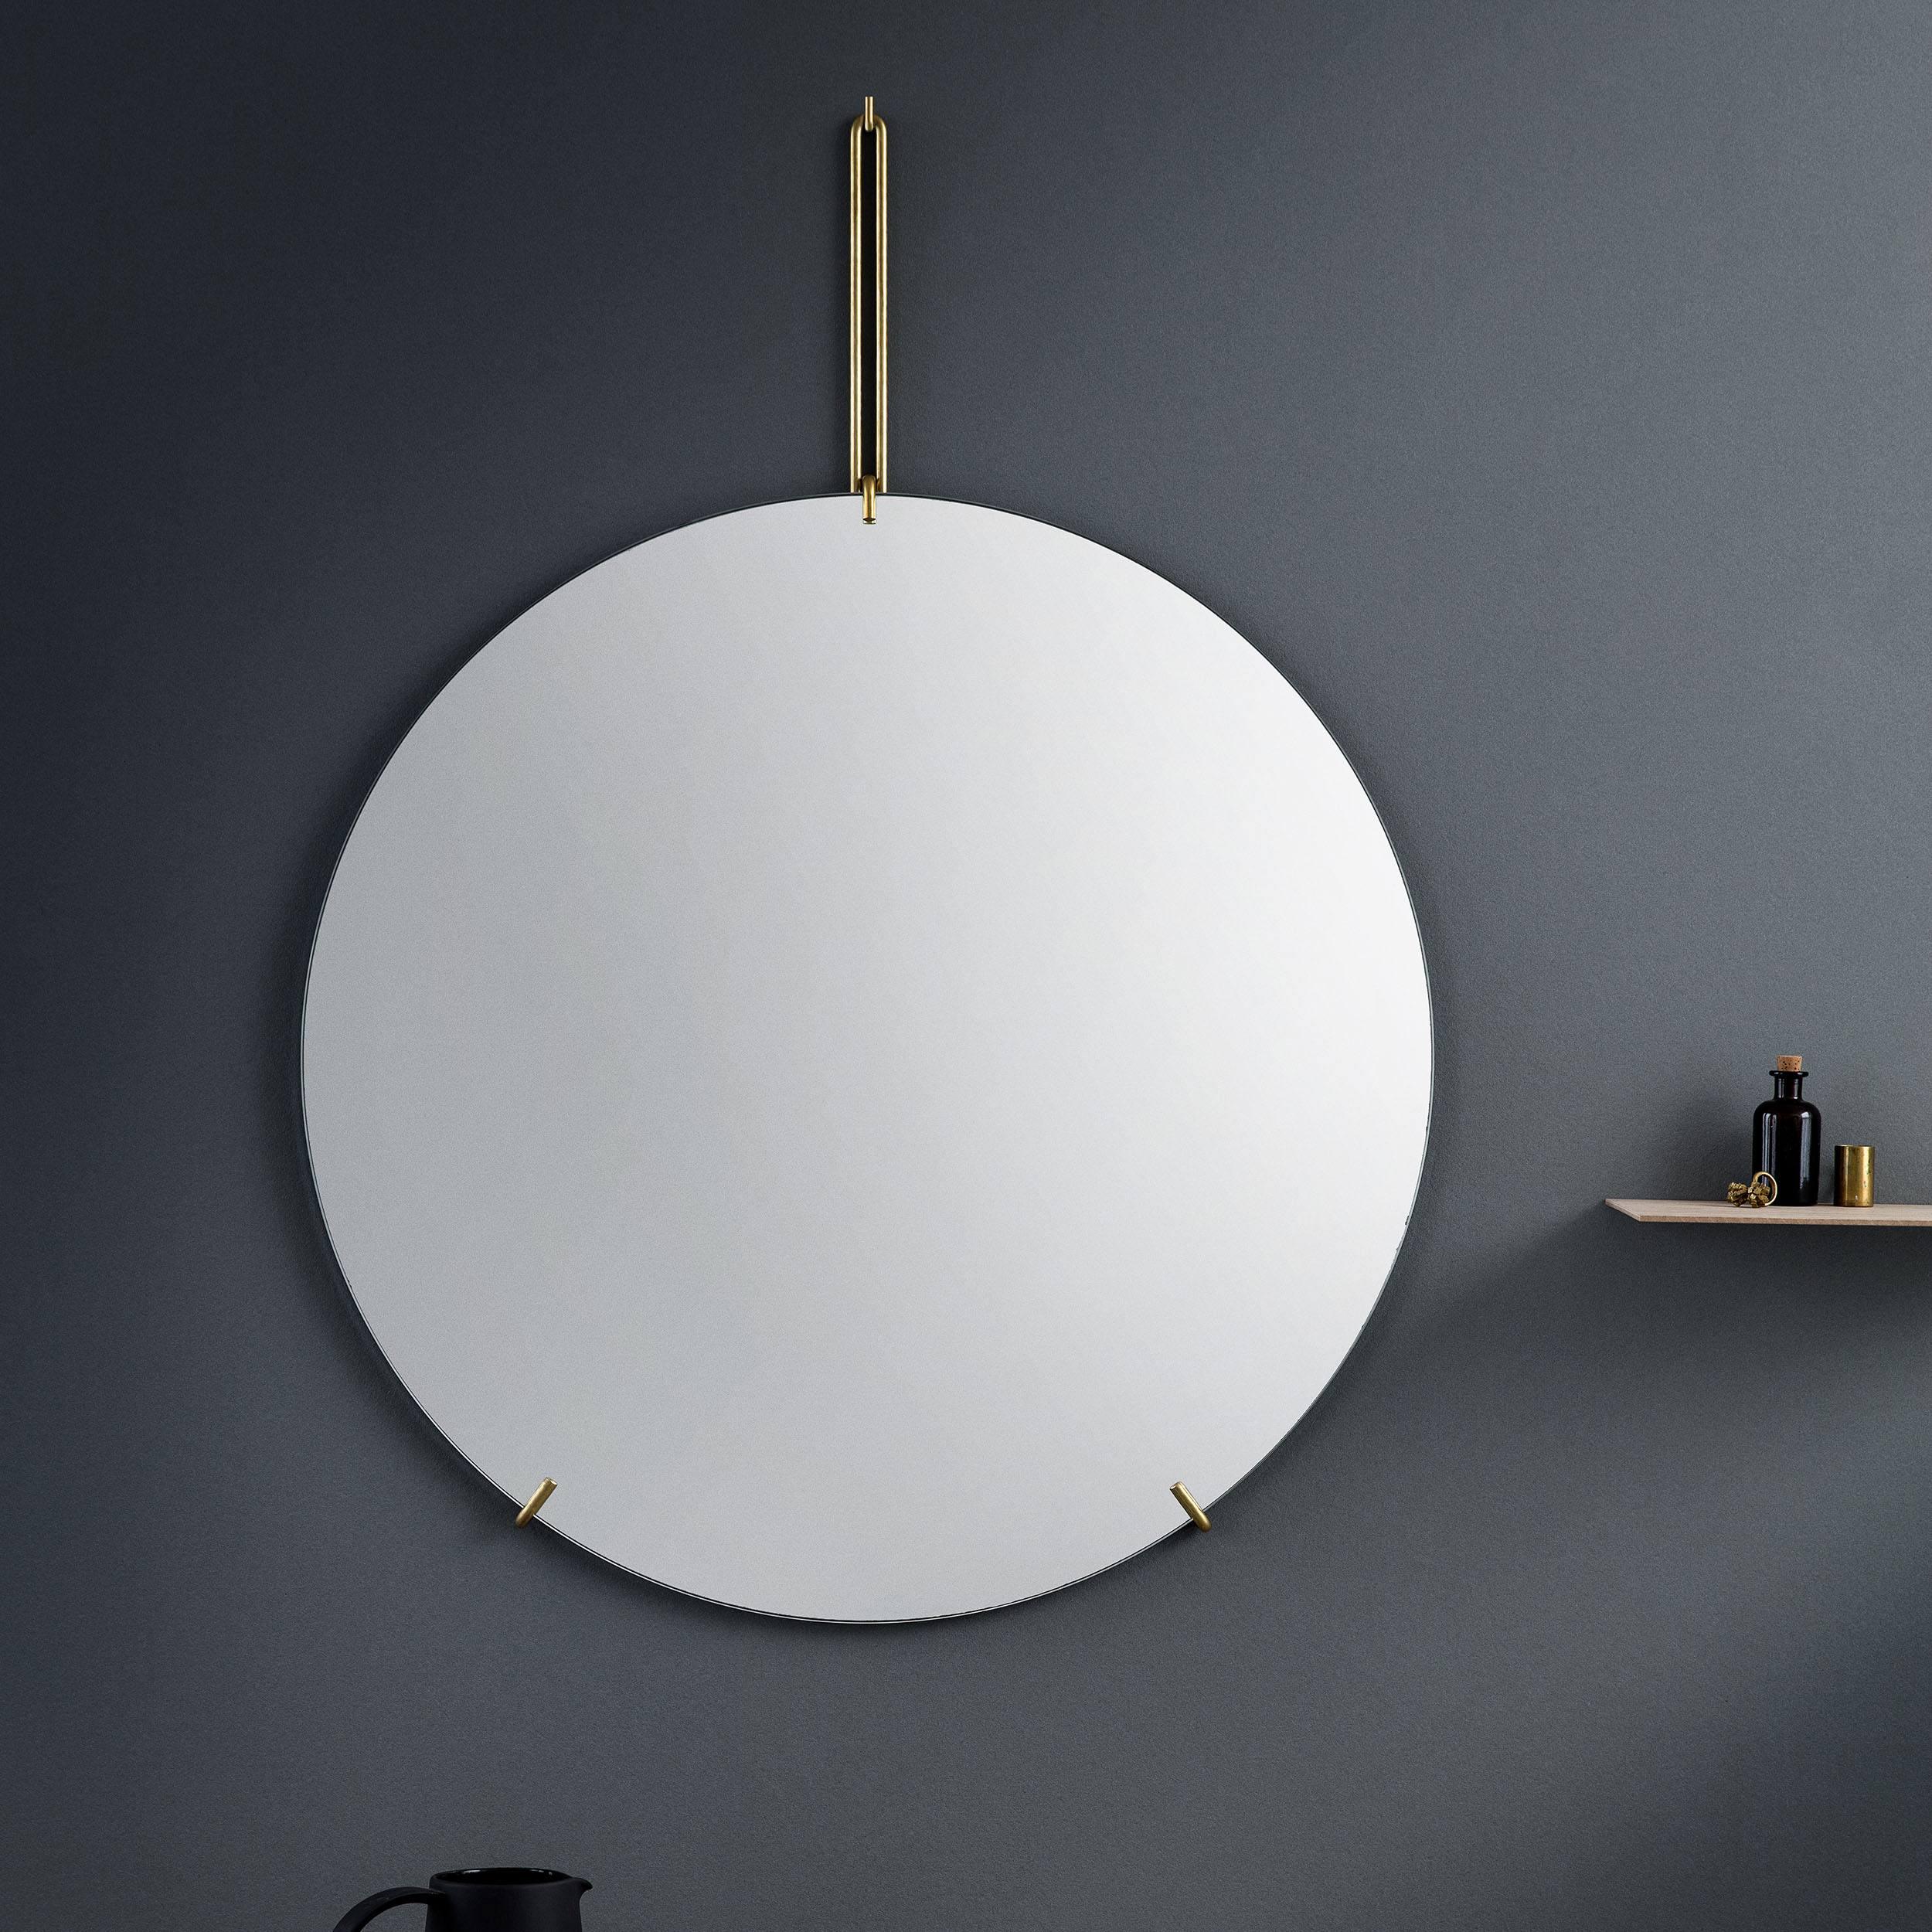 Wall Mirror Wandspiegel